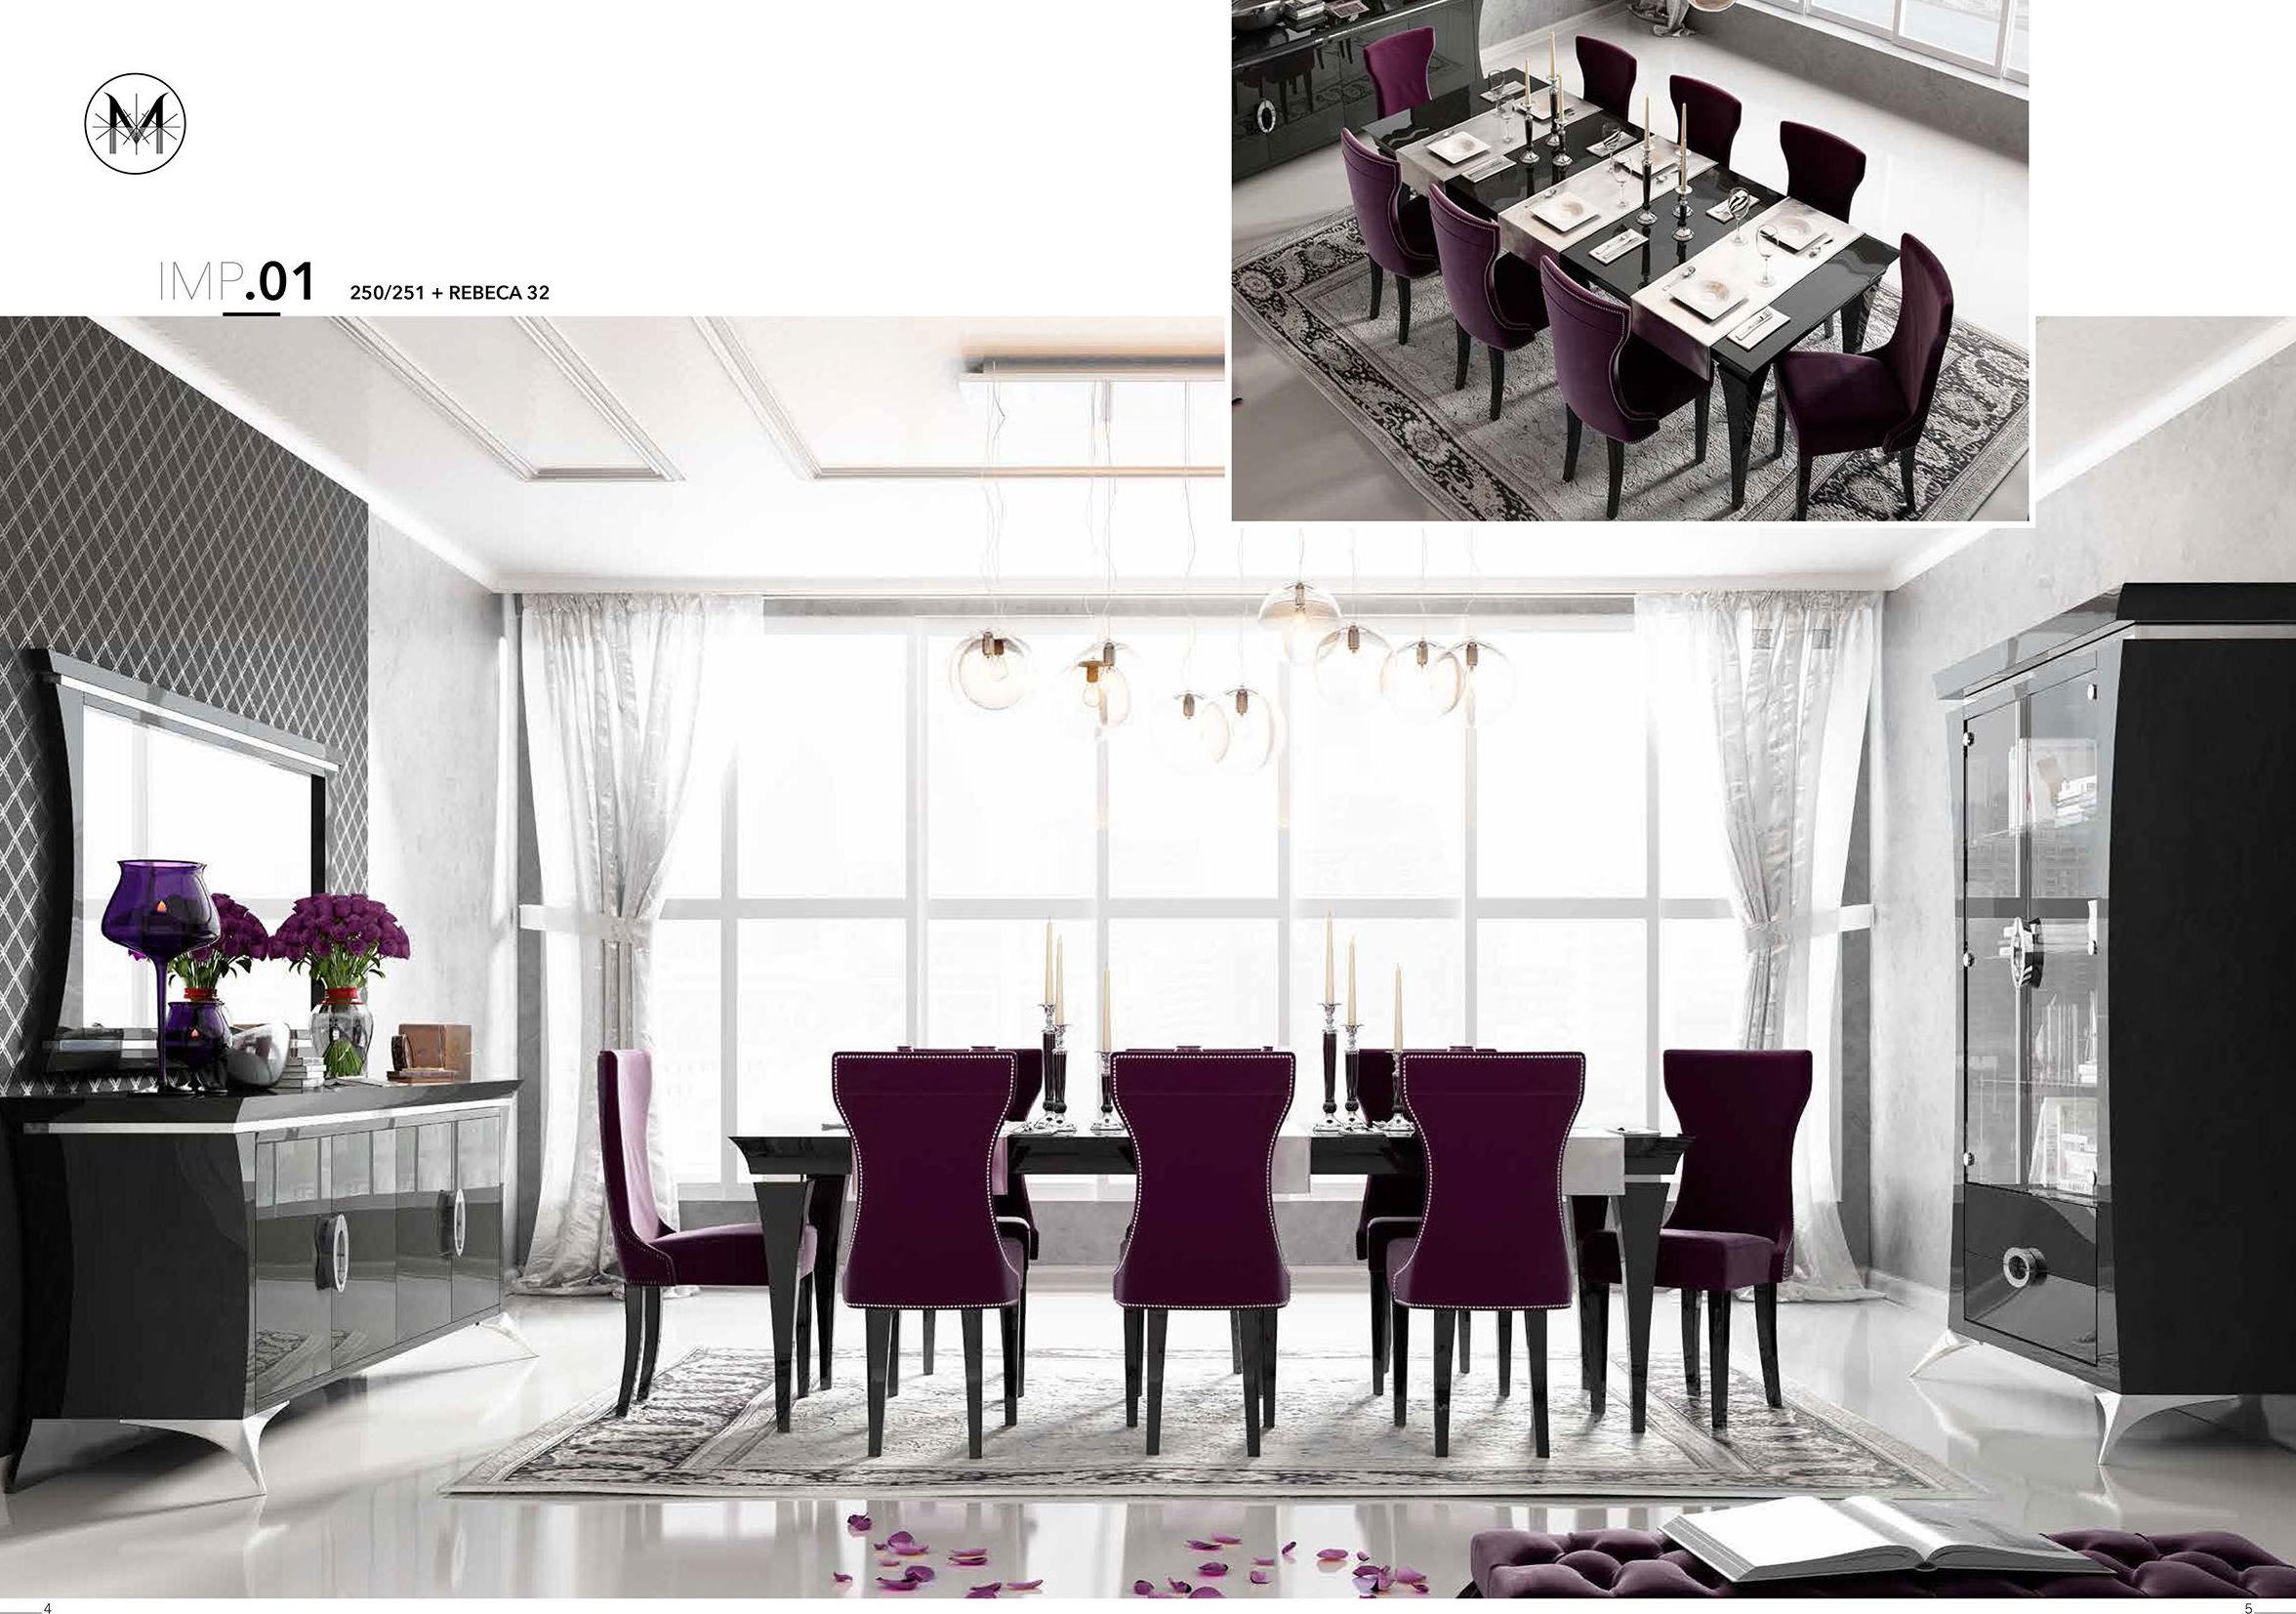 Franco furniture colección Imperial: Catálogo de muebles y sofás de Goga Muebles & Complementos